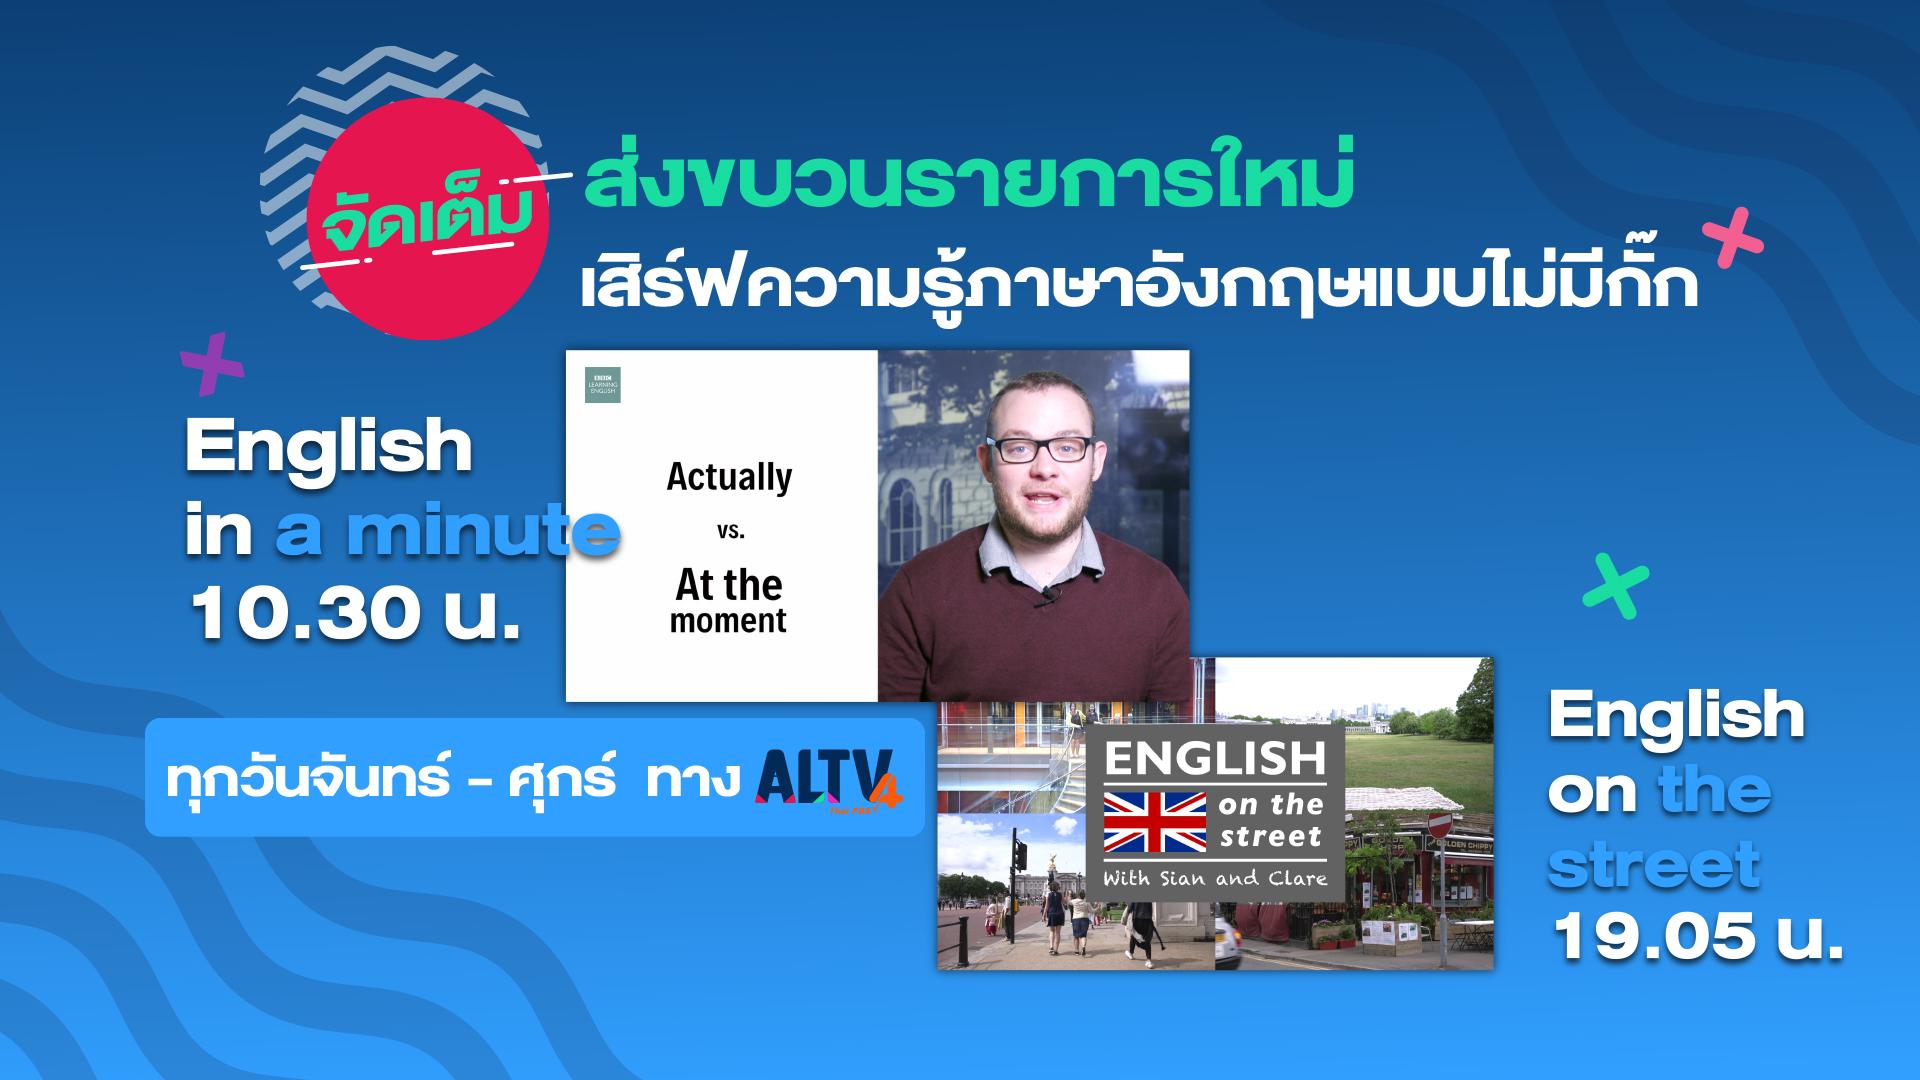 ALTV ช่อง 4 ทีวีเรียนสนุก จัดเต็มรายการใหม่ เสิร์ฟความรู้ภาษาอังกฤษแบบไม่มีกั๊ก เริ่ม 2 ส.ค.นี้